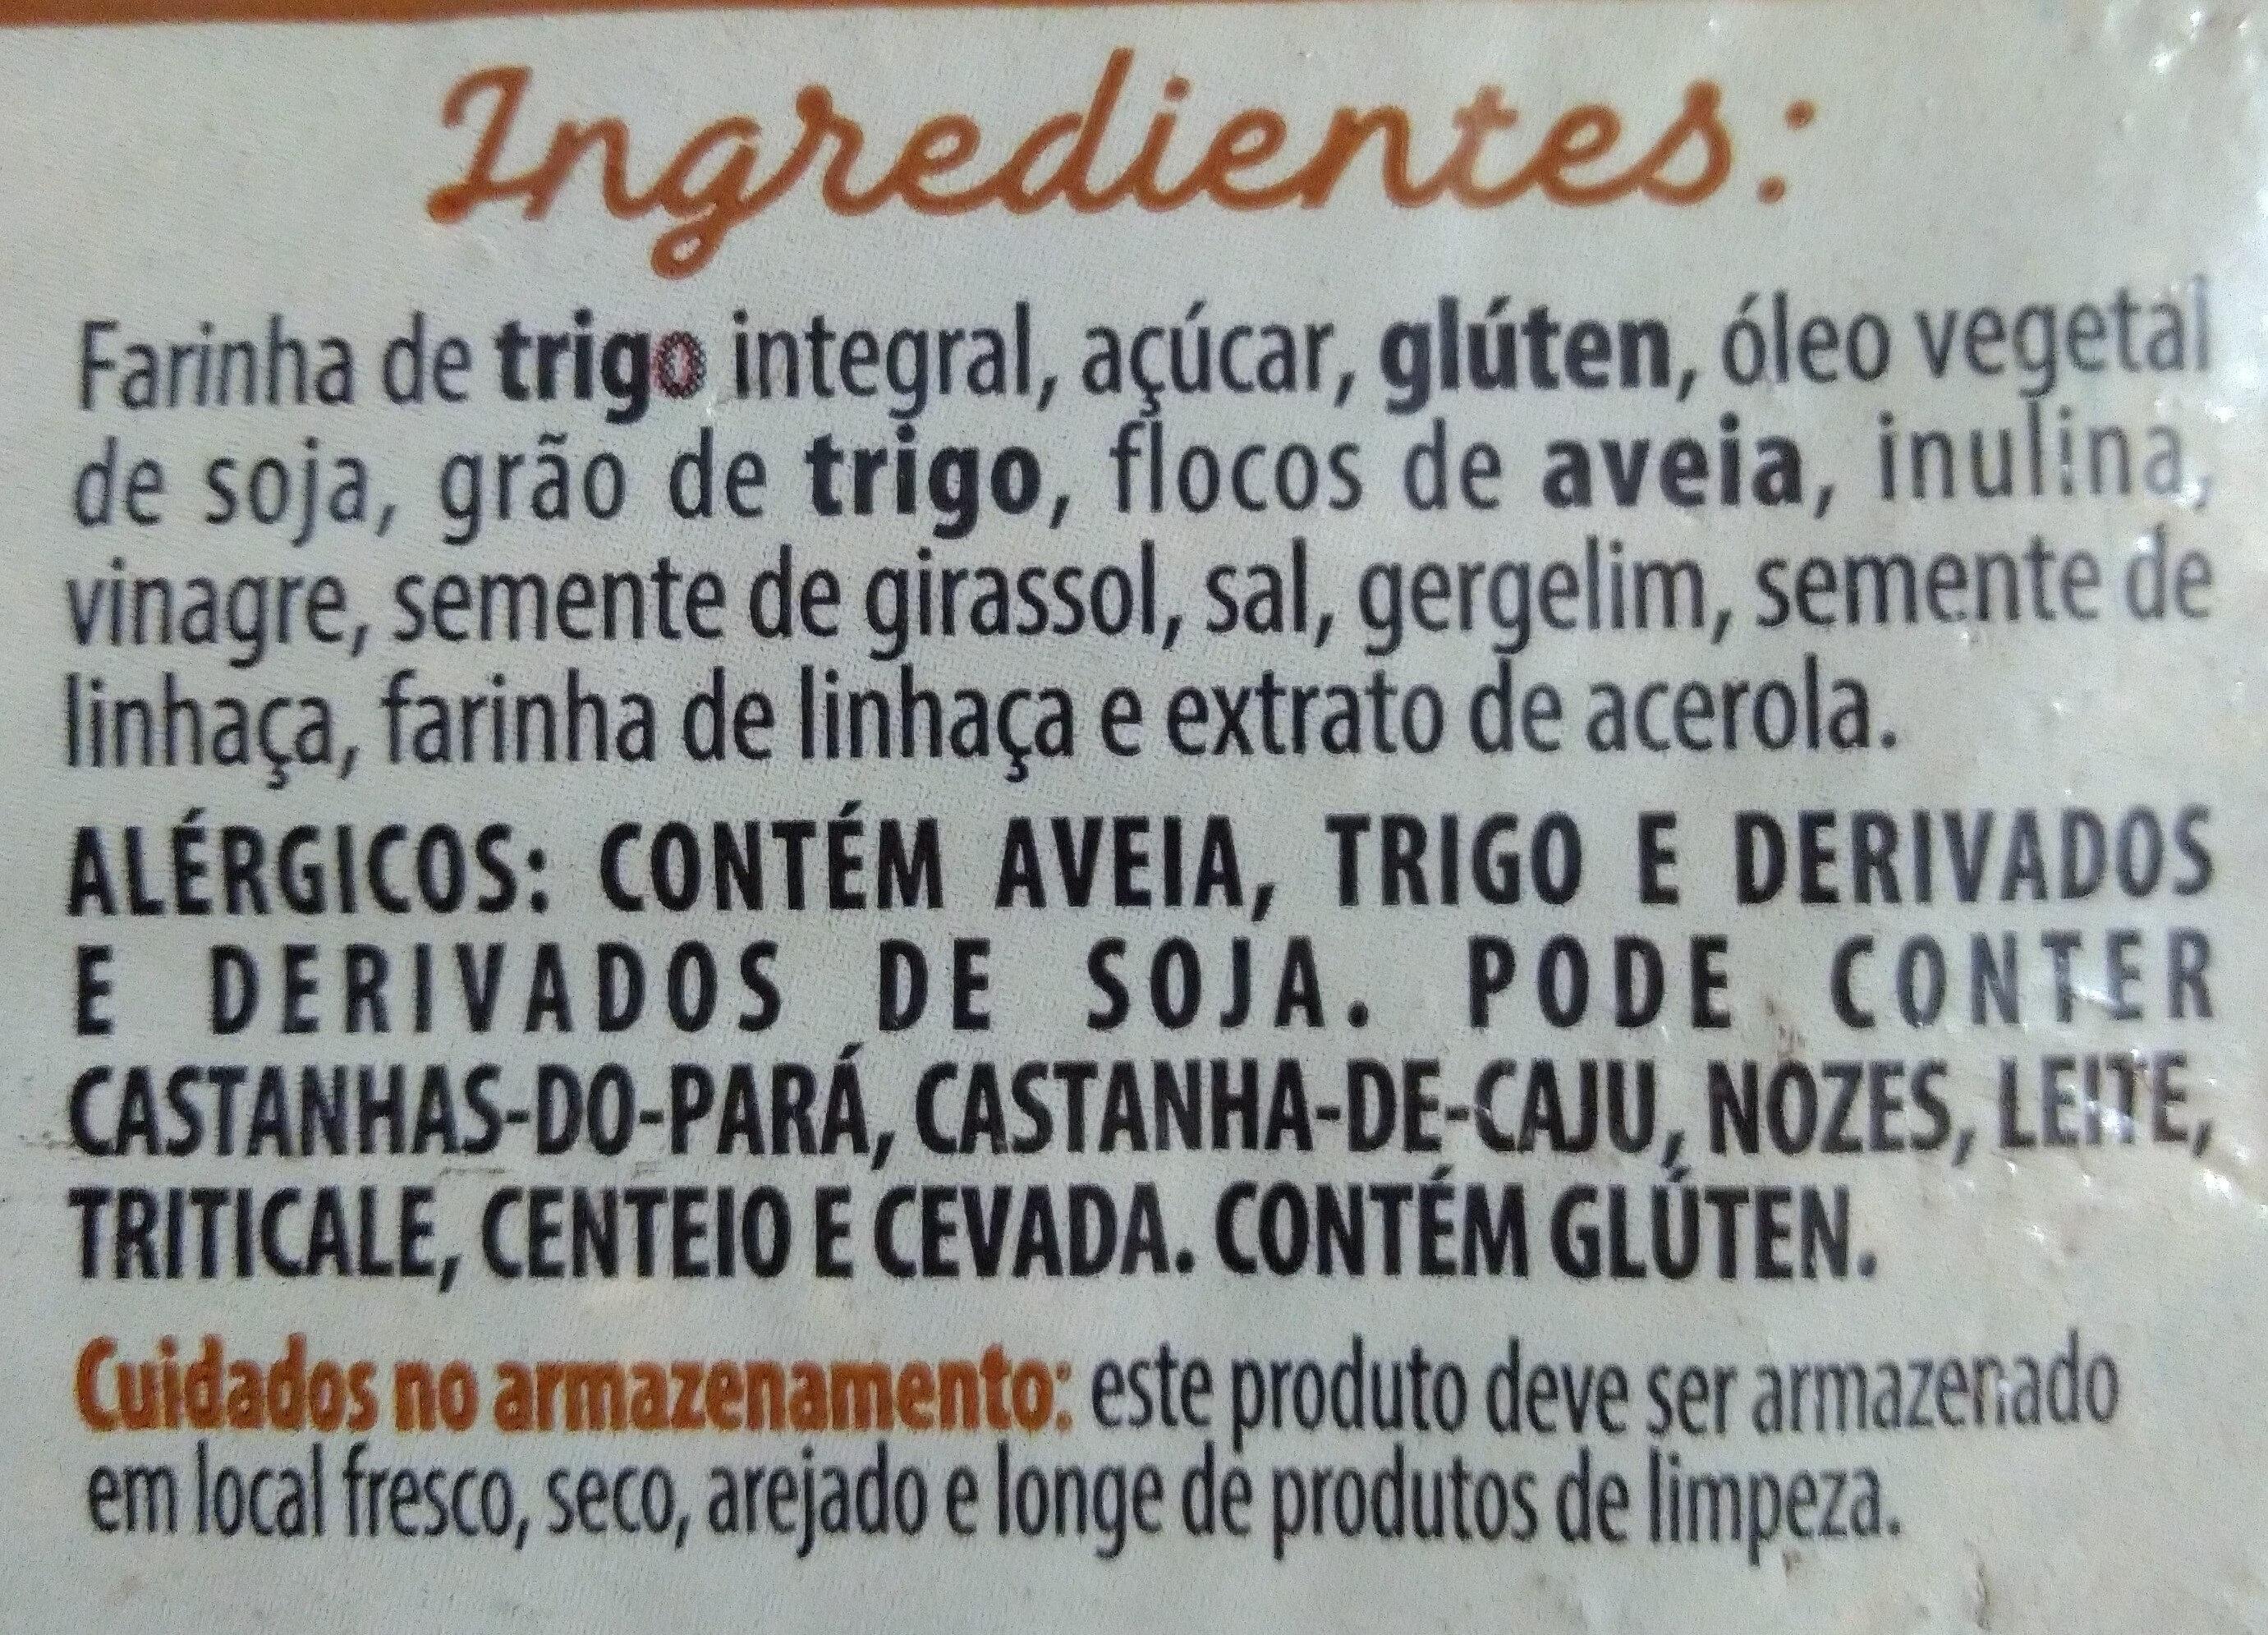 Pão integral com trigo, aveia, semente de girassol, gergelim e semente de linhaça - Ingredients - pt